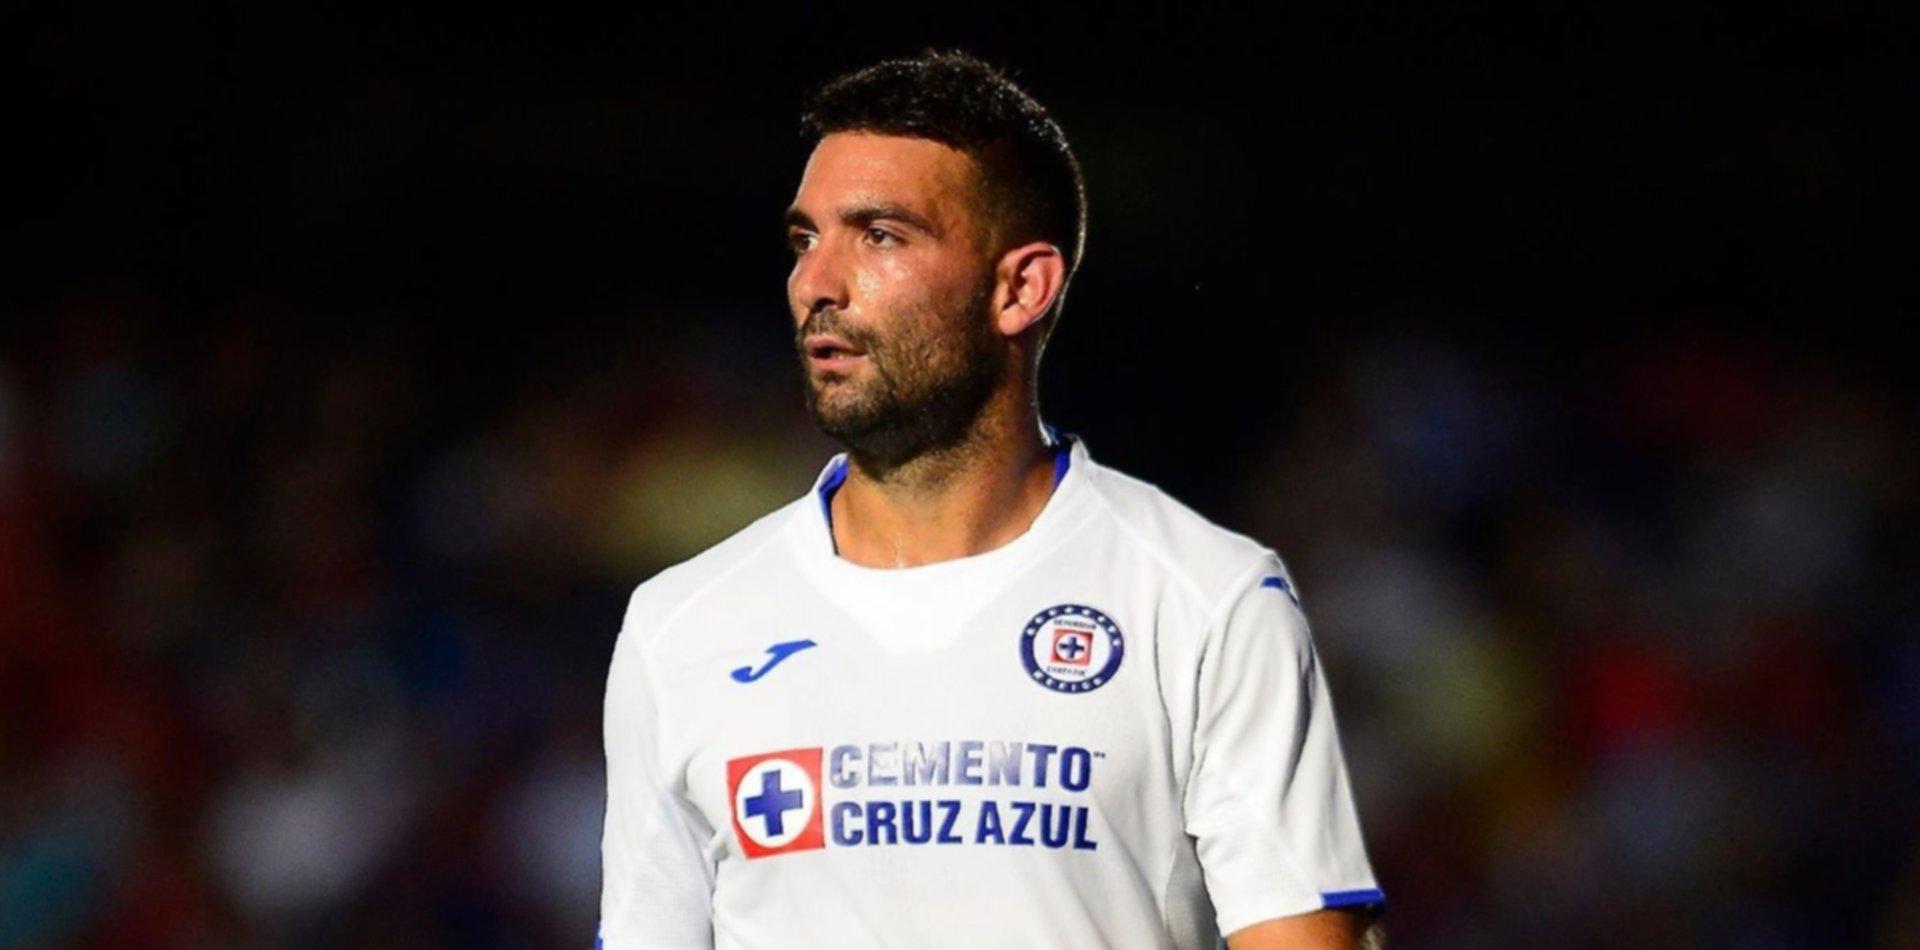 Martín Cauteruccio se aleja del Cruz Azul y entra en la órbita de Estudiantes